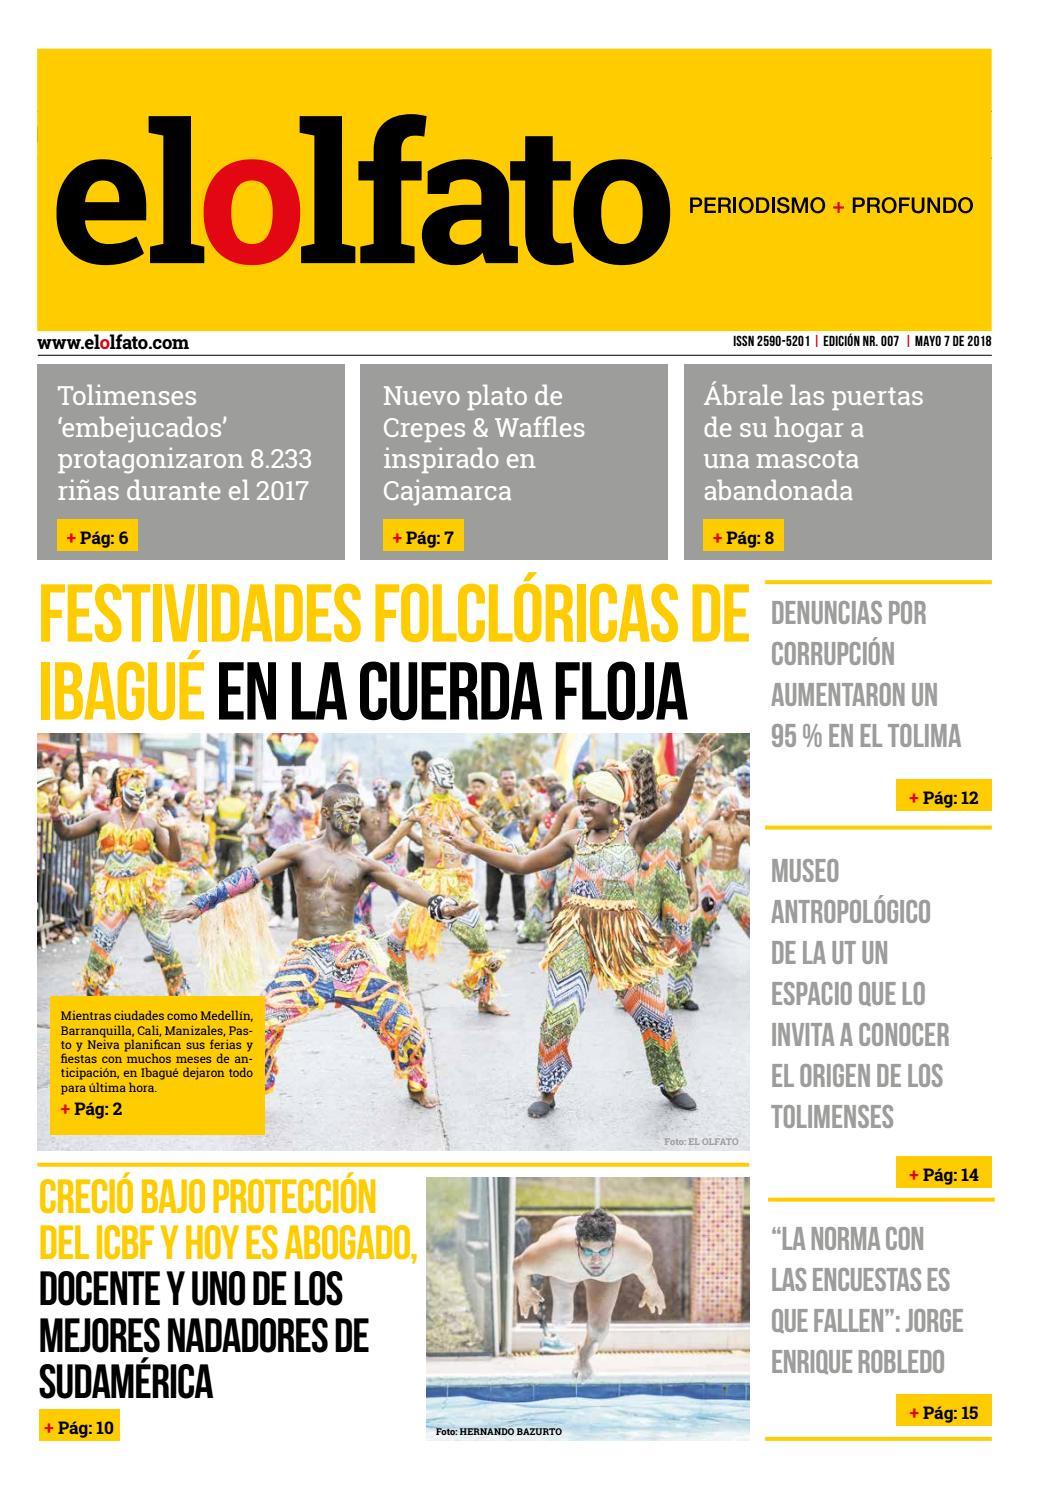 ElOlfato com - Edición 007 by El Olfato - issuu